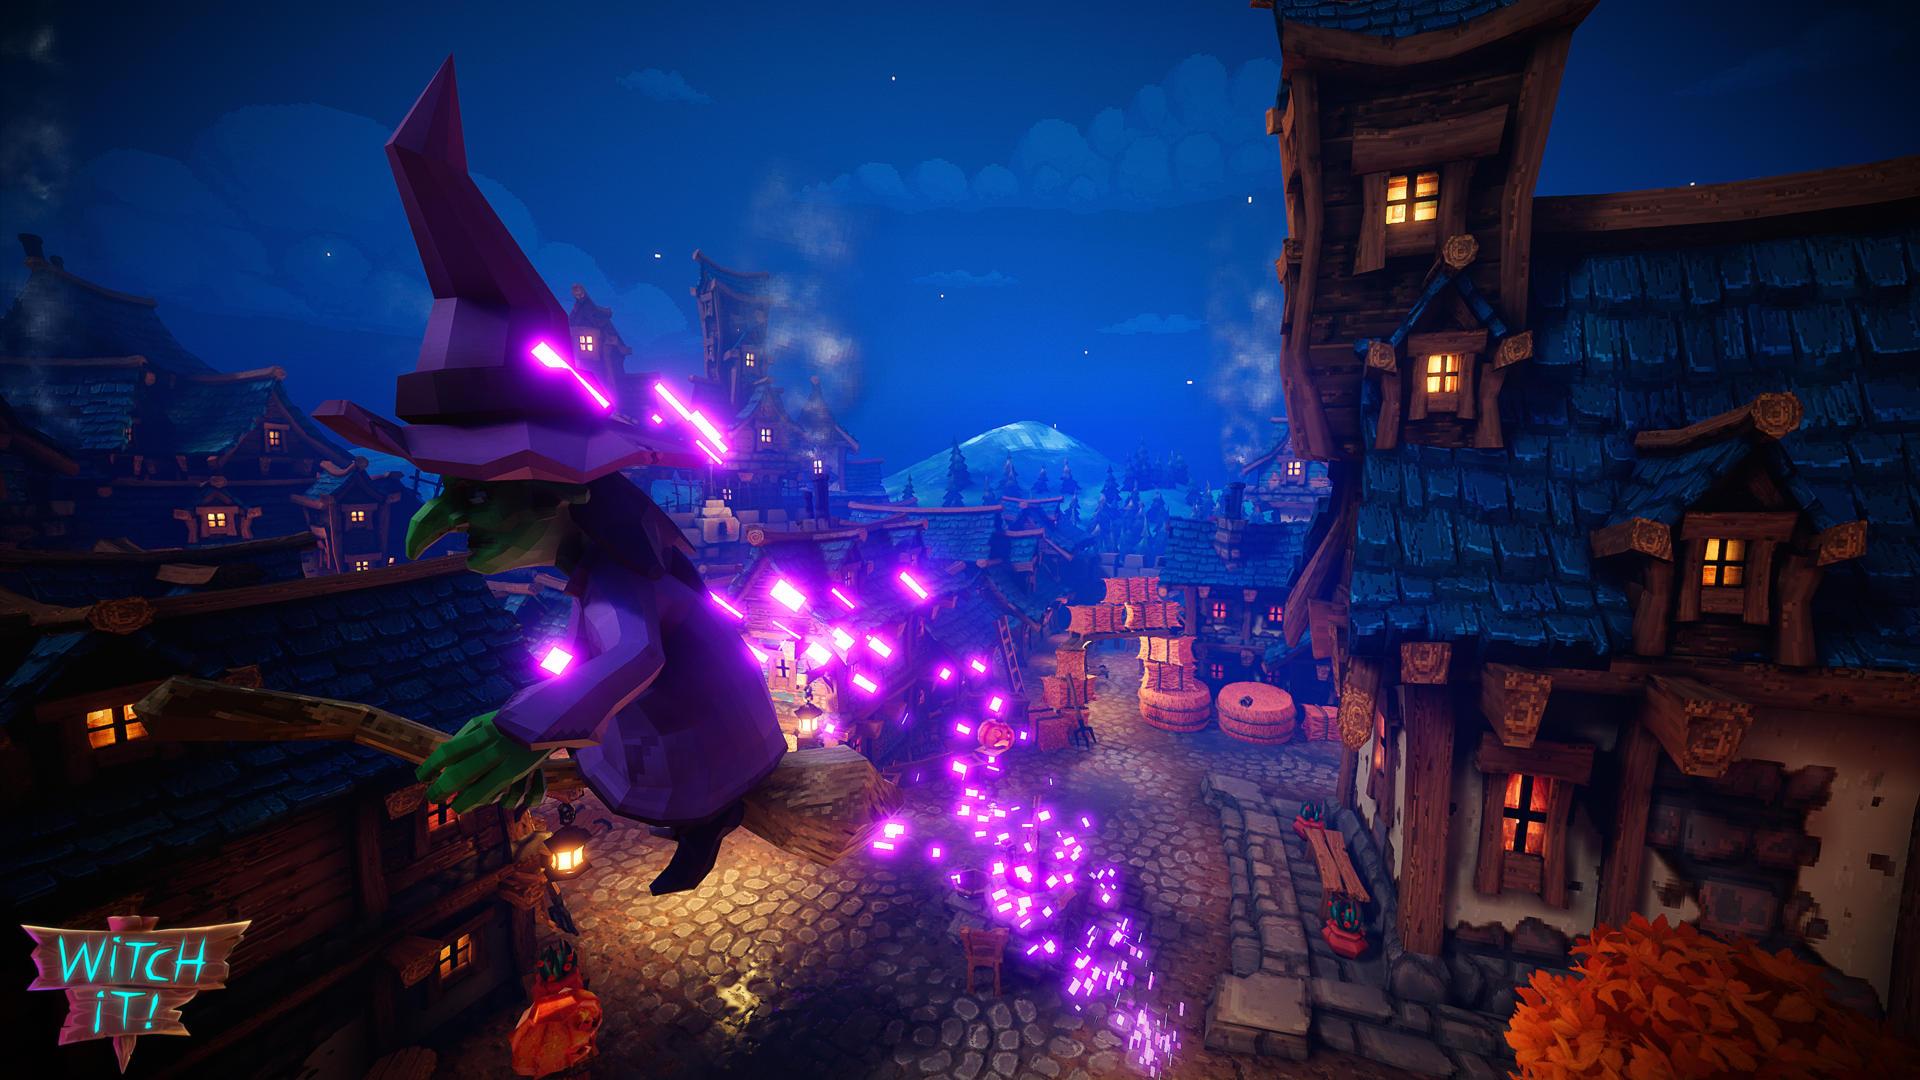 Карты ведьму играть бесплатно видеочат рулетка нижний новгород онлайн